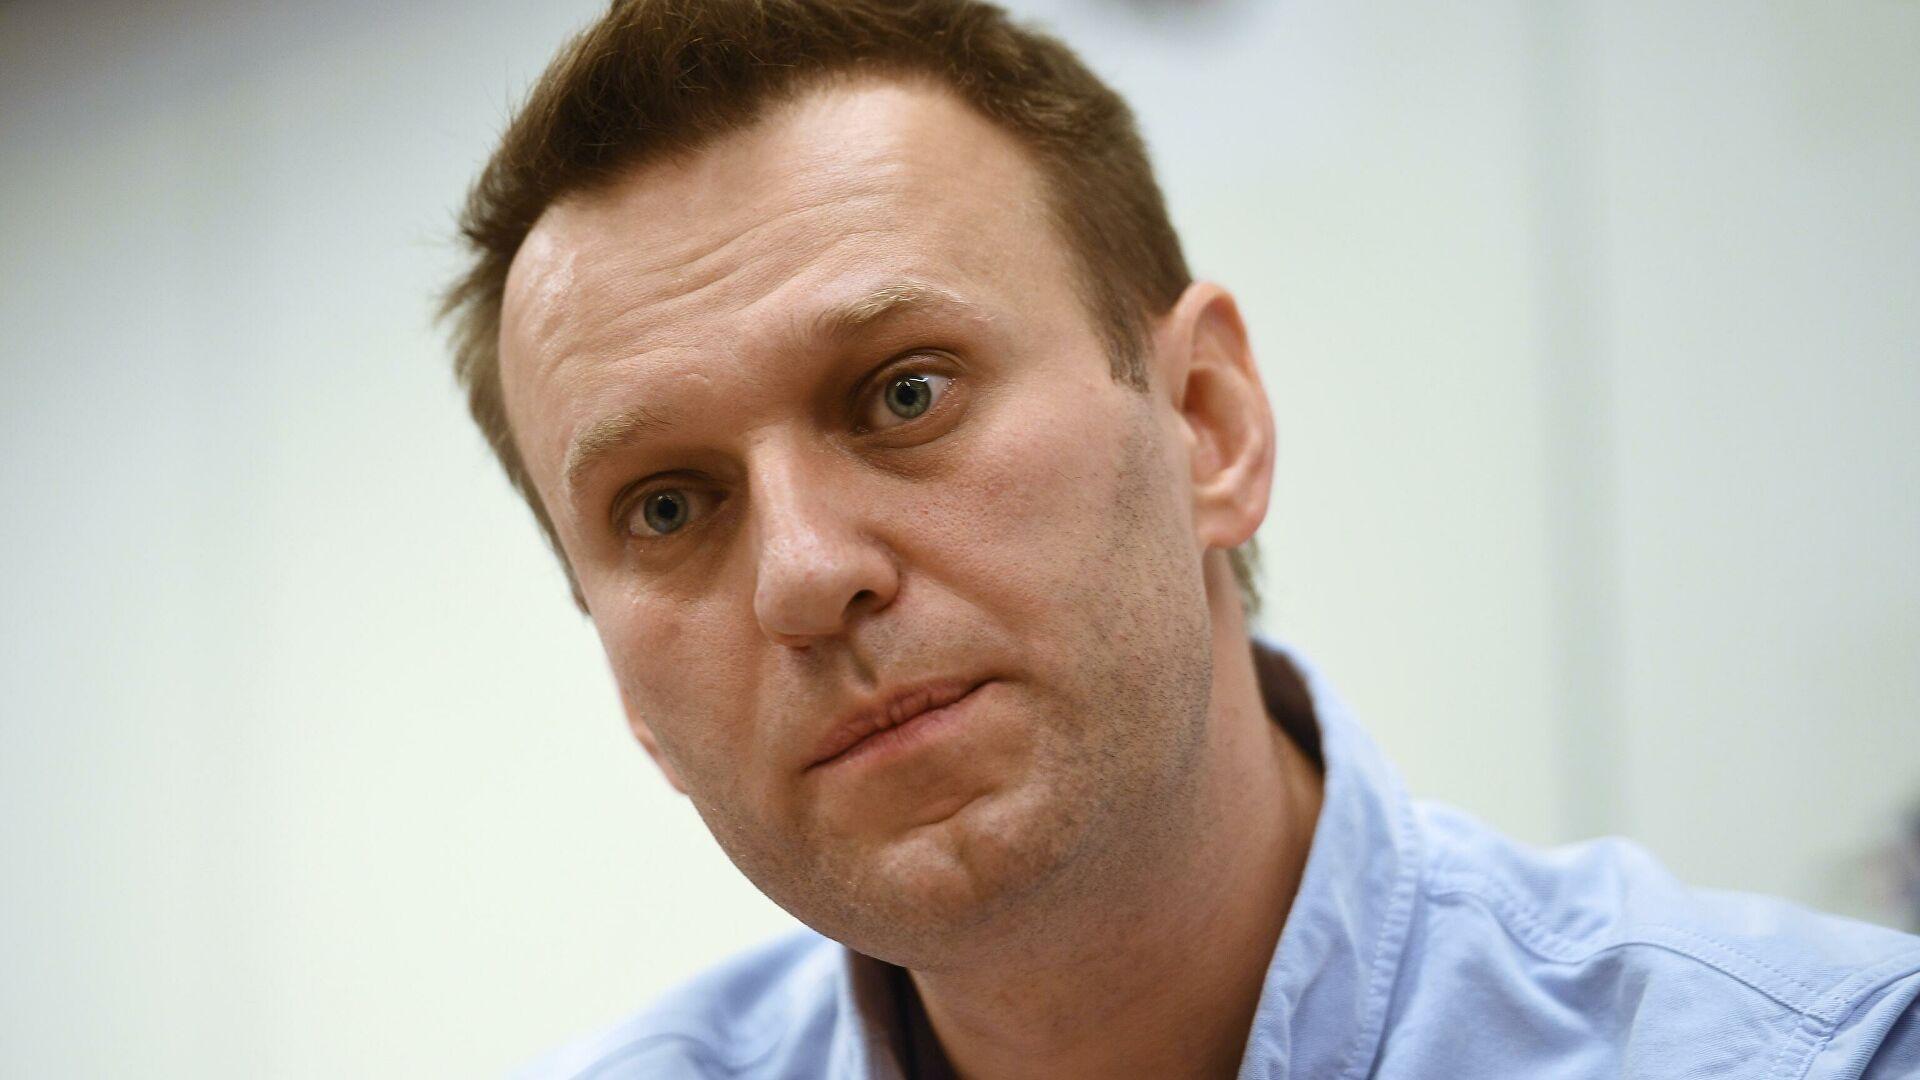 УН: Руске власти морају у потпуности да истраже ко је одговоран за злочин